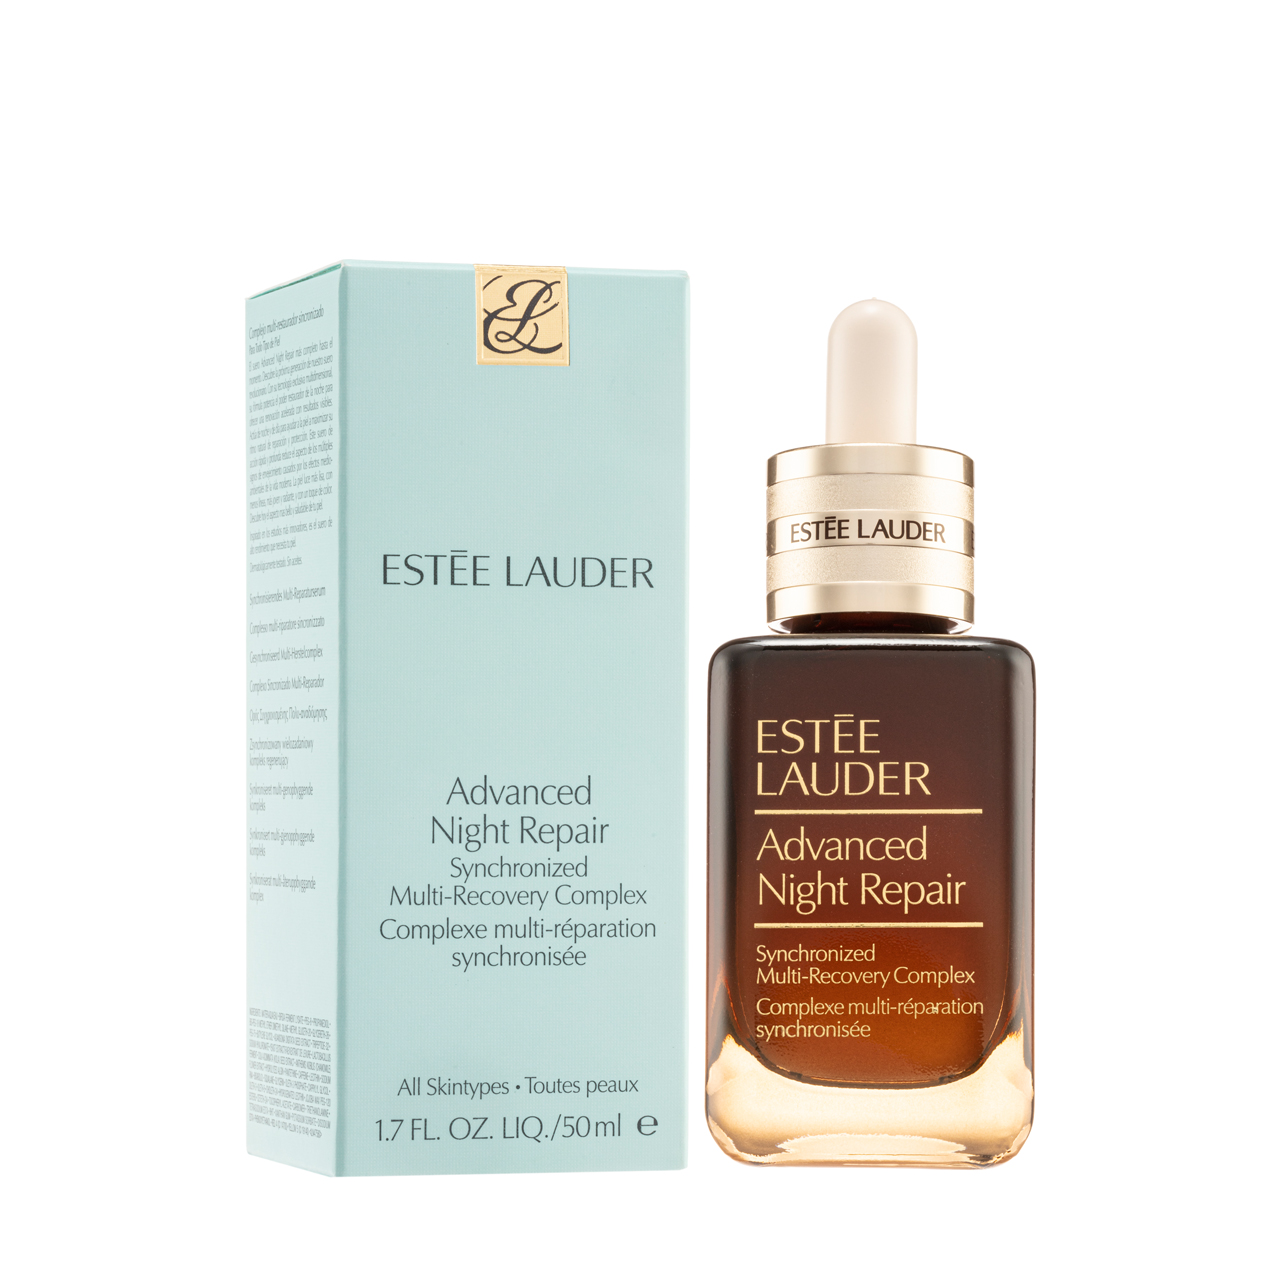 Serum ESTEE LAUDER Advanced Night Repair Synchronized Multi-Recovery C –  Perfume247.vn - Shop nước hoa chính hãng